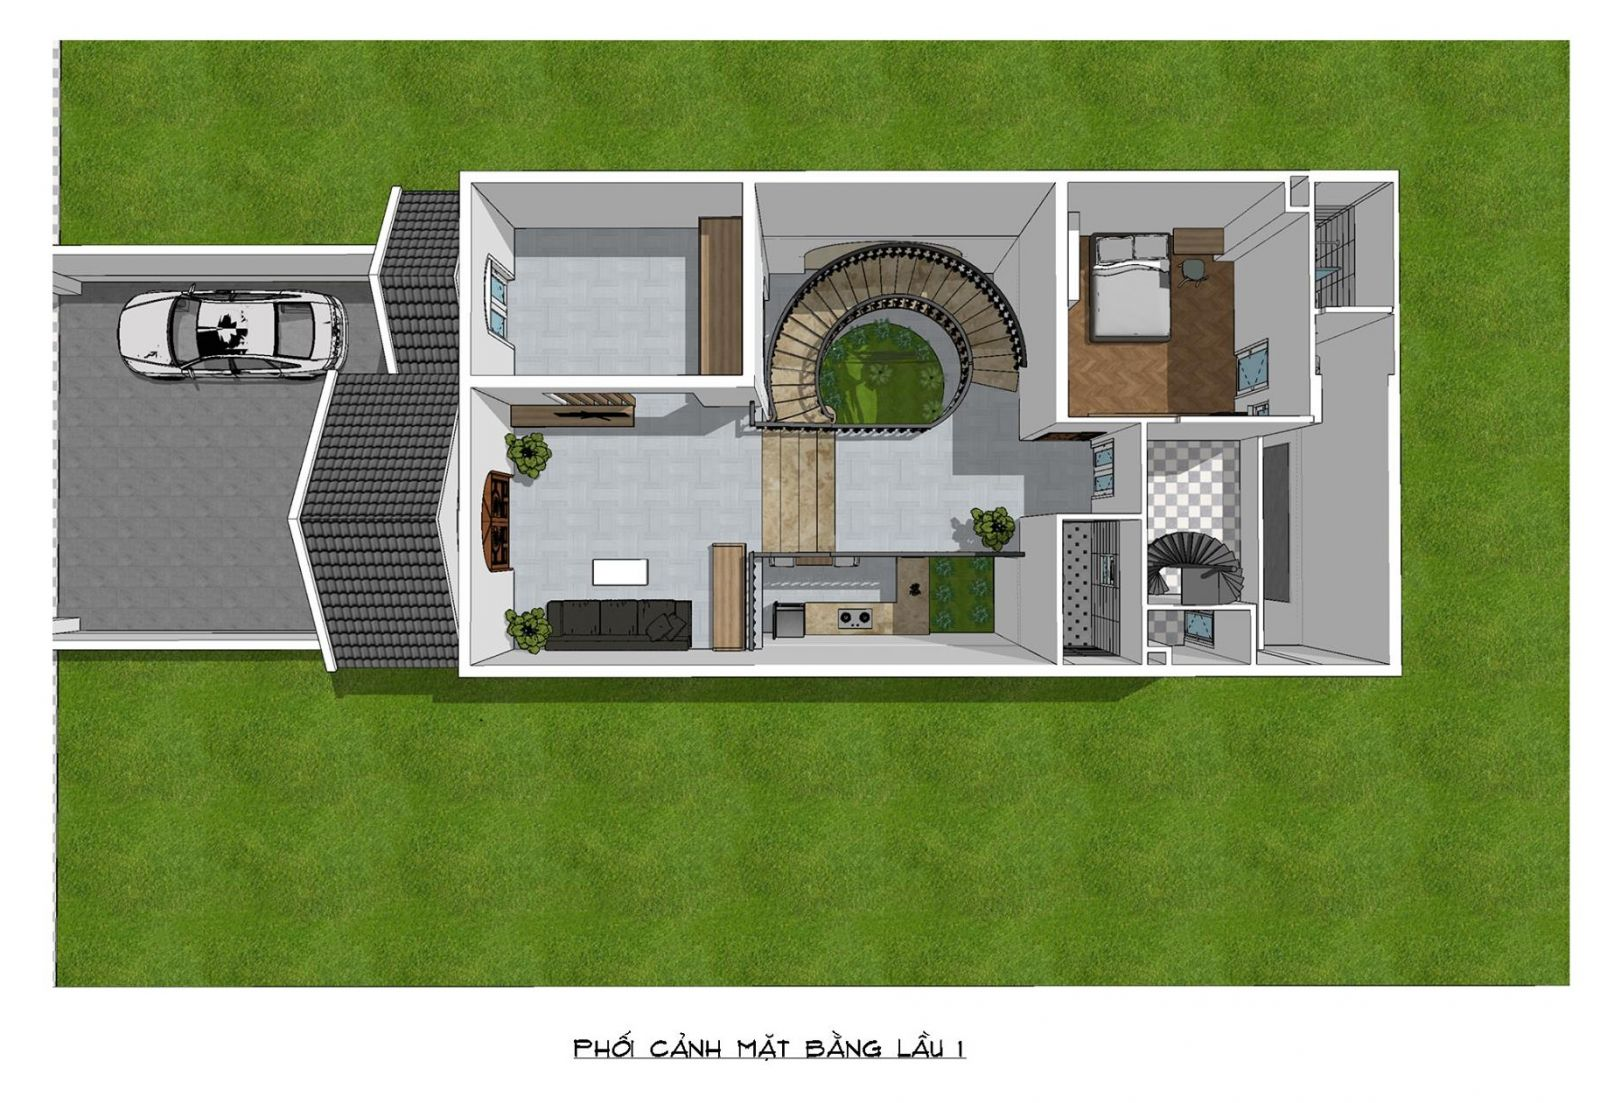 Phối cảnh mặt bằng tầng 2 nhà mặt phố mái thái 2 tầng